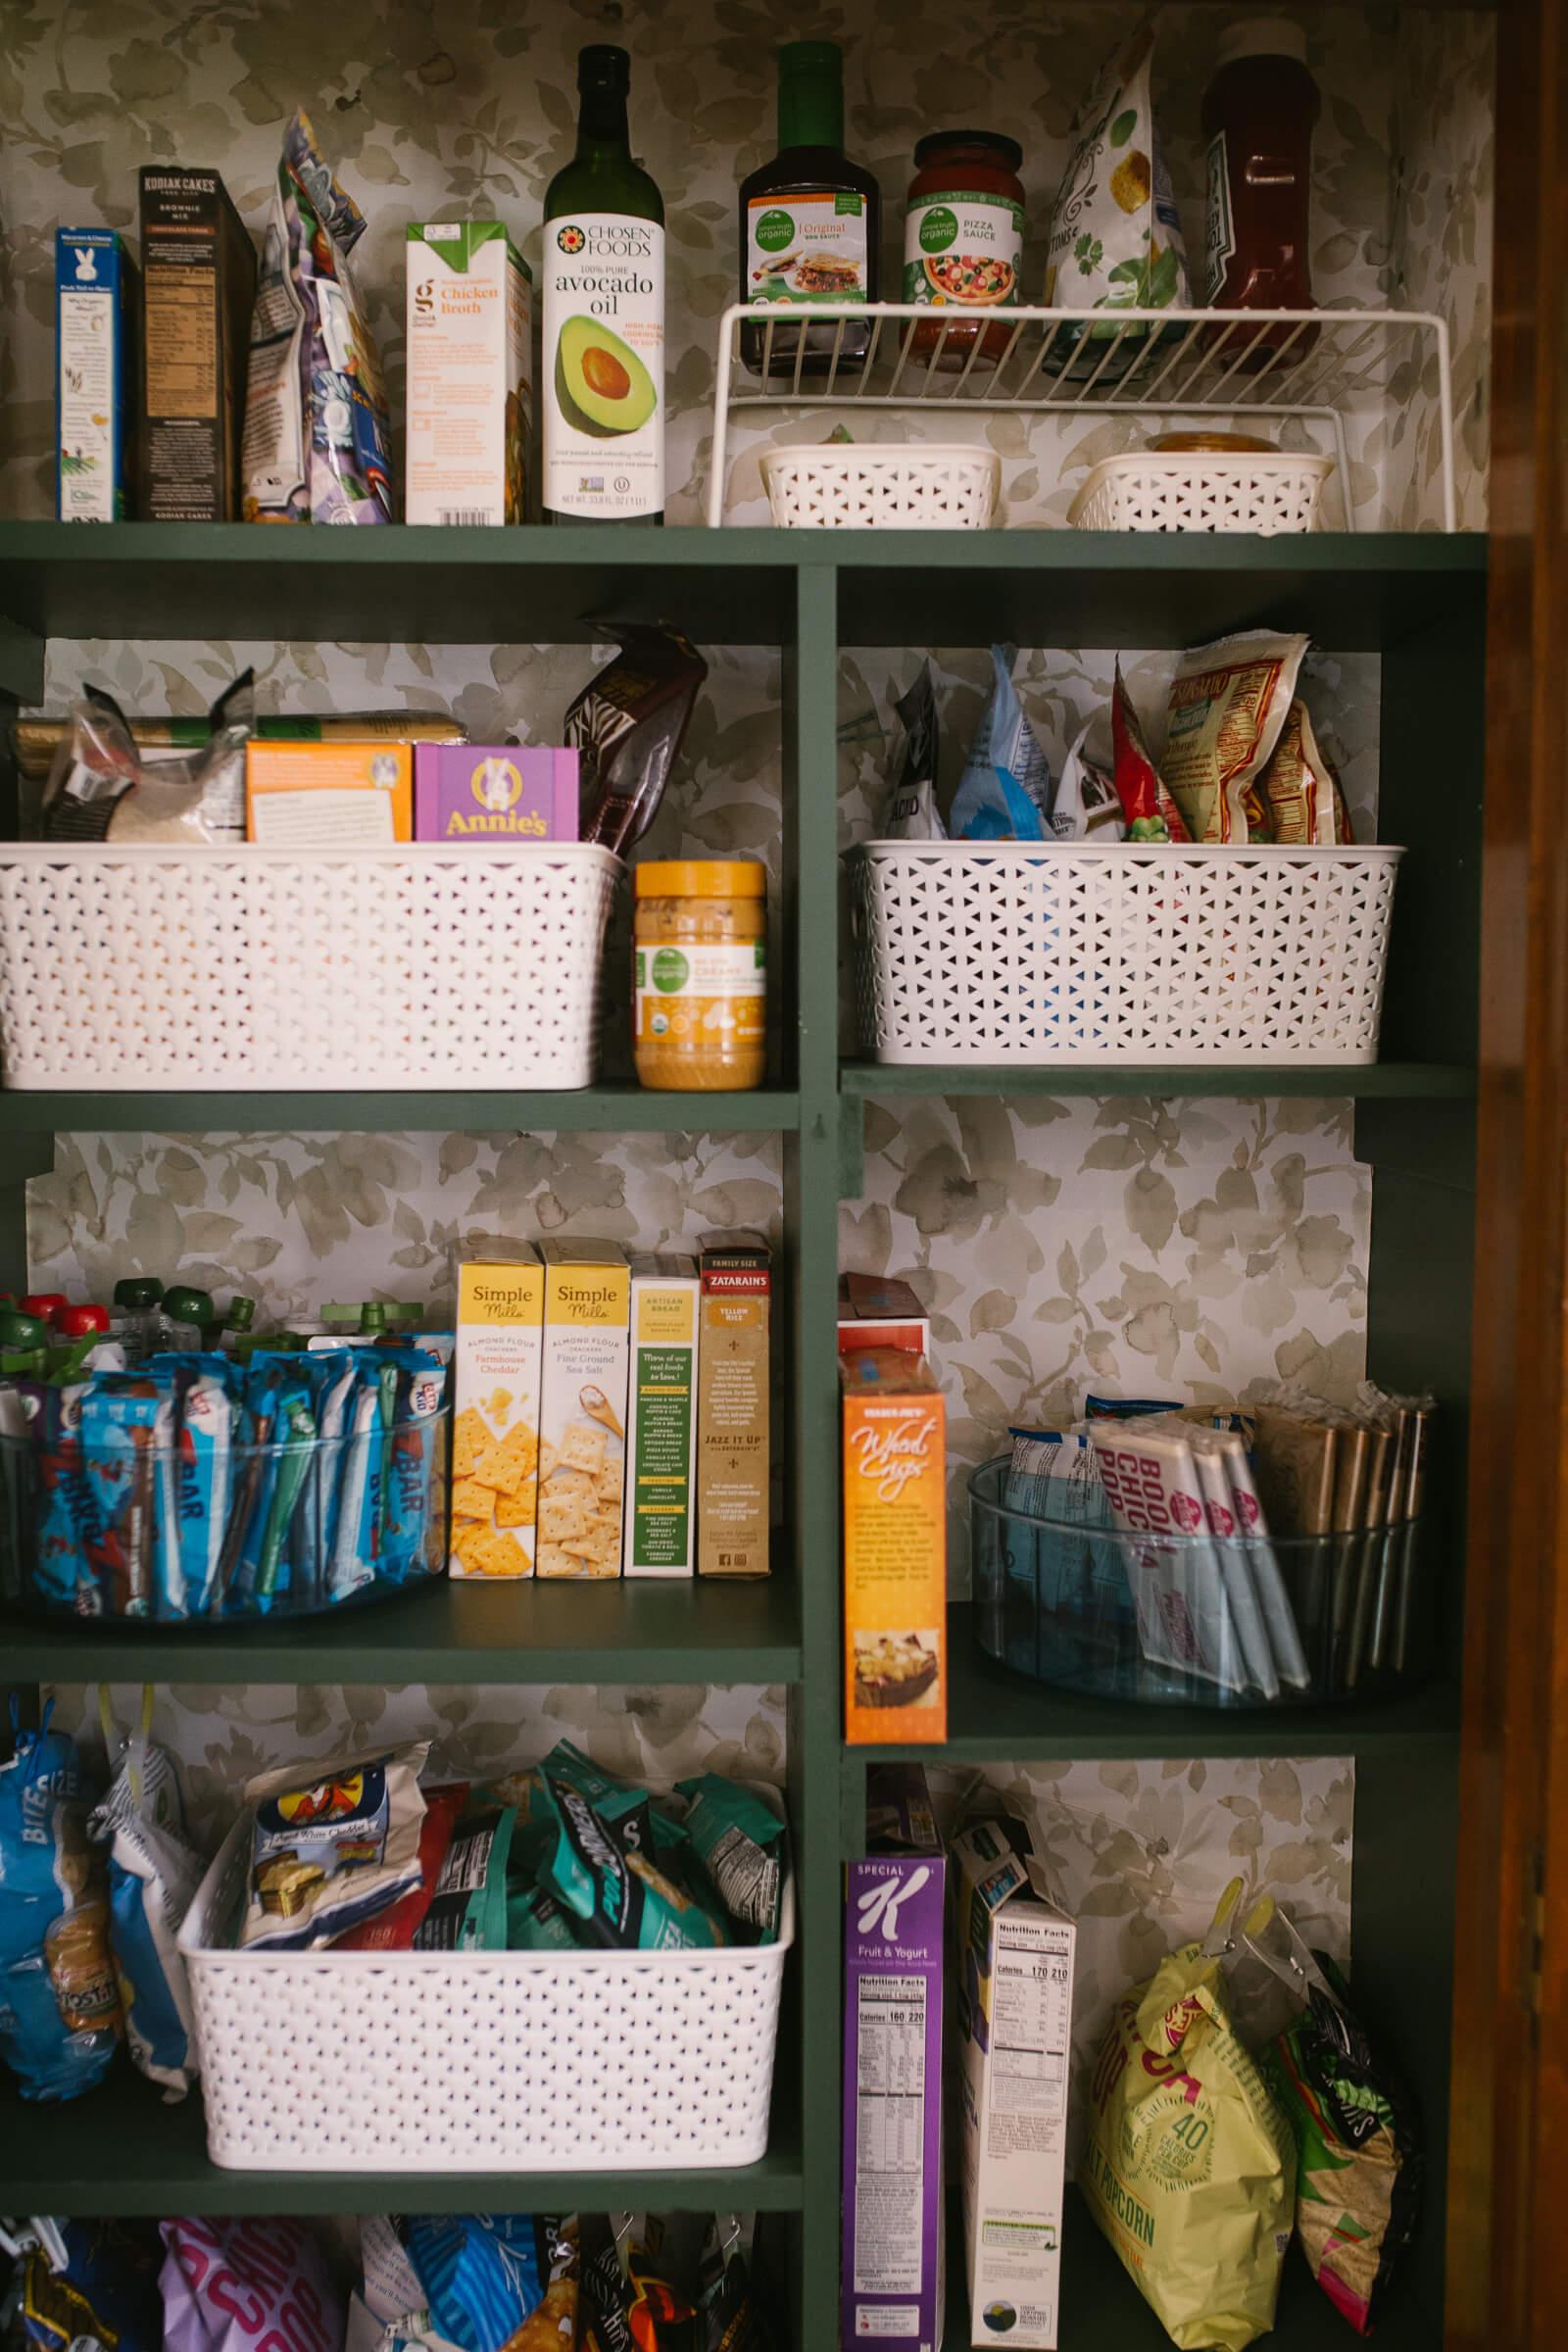 organized pantry with pantry storage